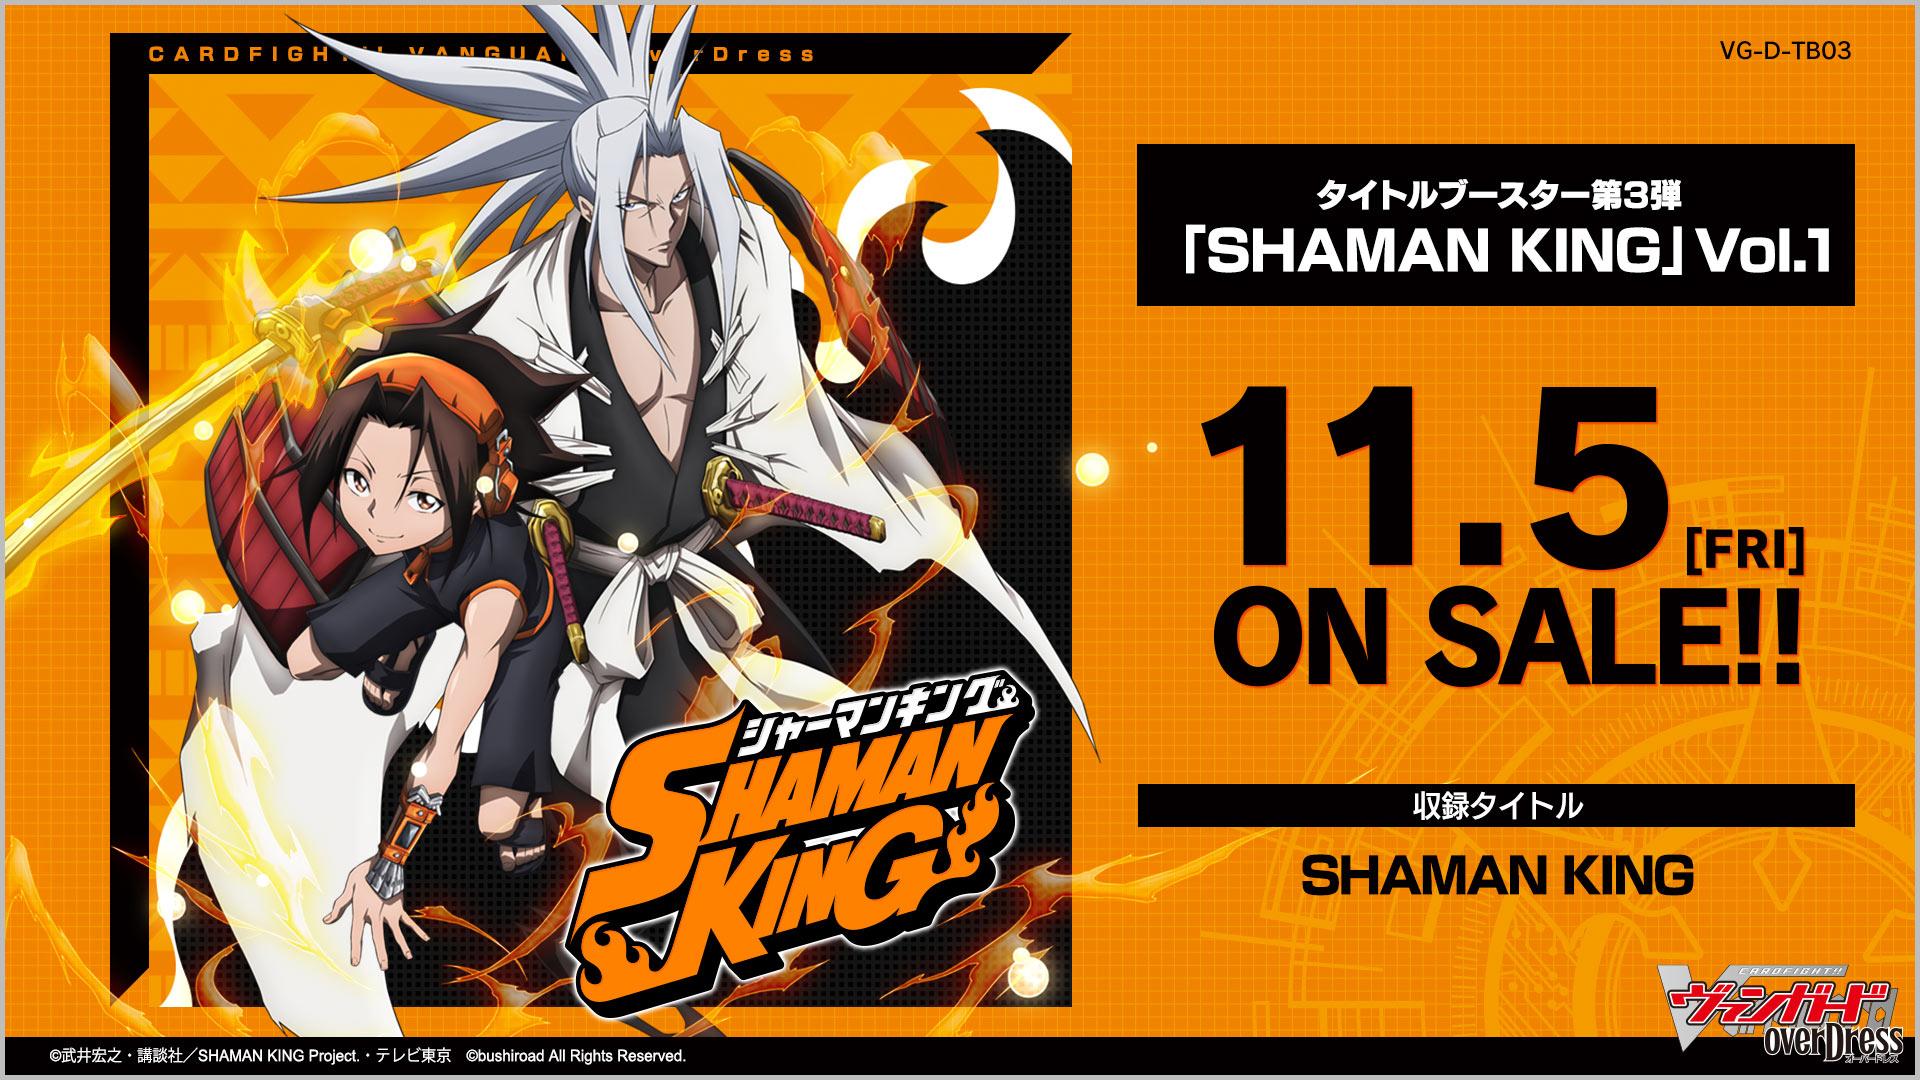 タイトルブースター第3弾「SHAMAN KING」Vol_1